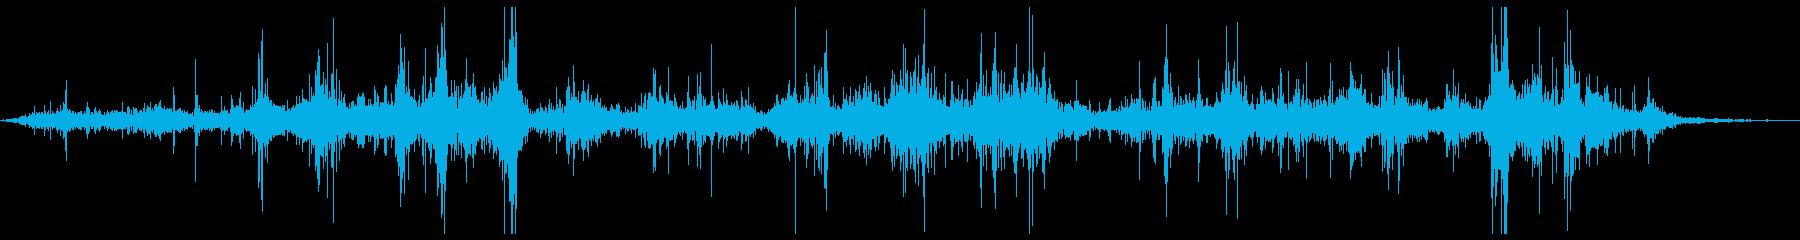 クロス・布・バタバタとはためく2の再生済みの波形